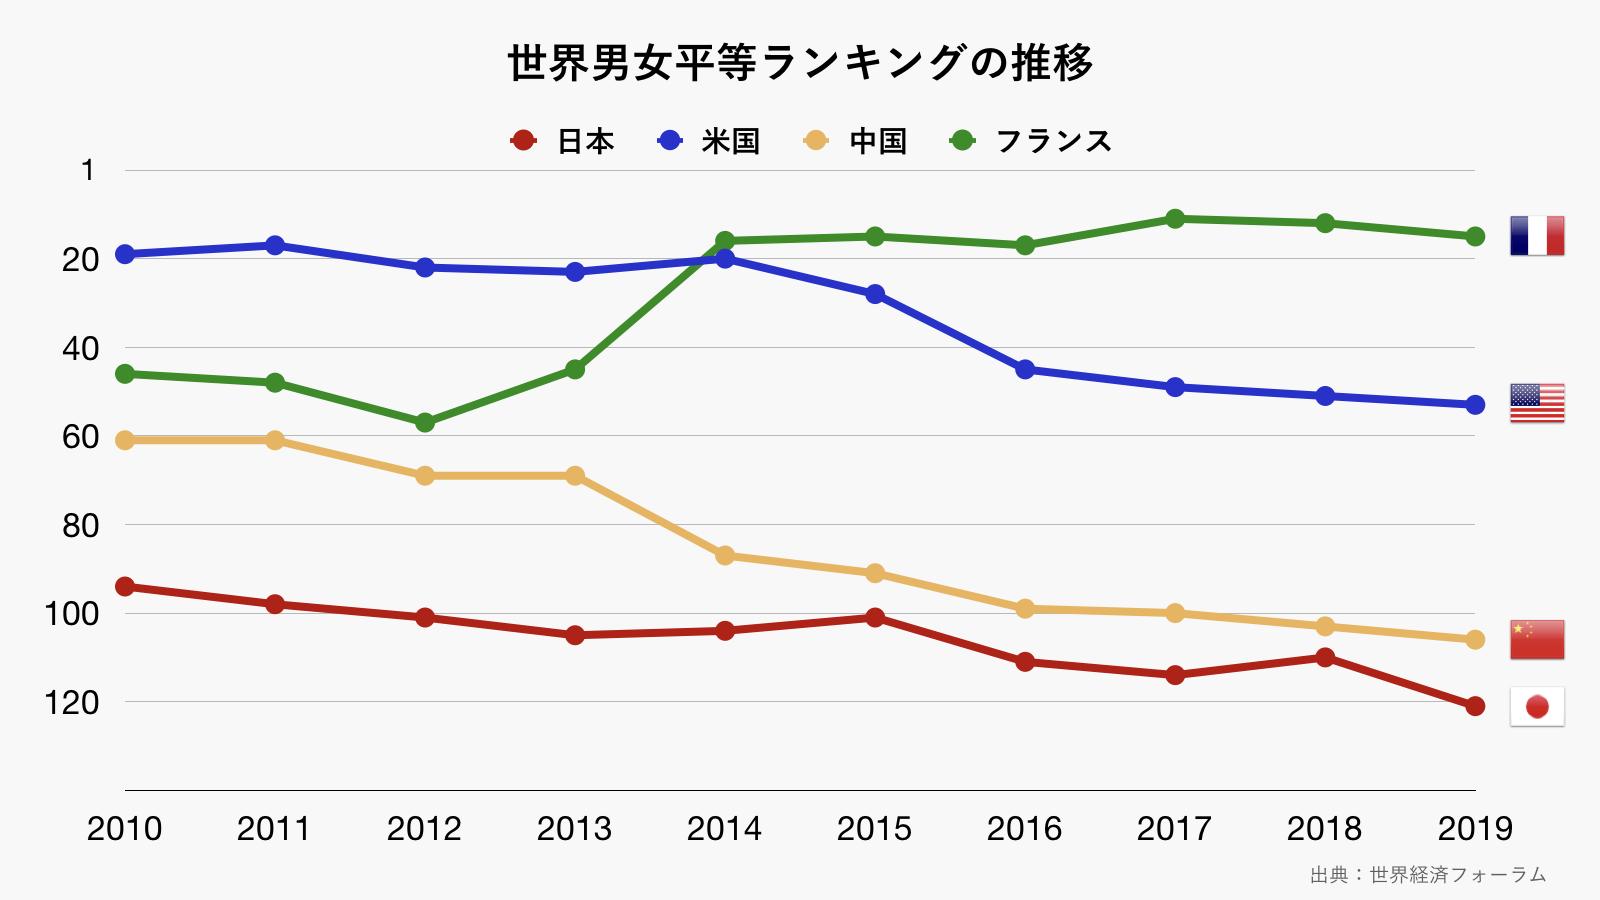 世界男女平等ランキングの推移のグラフ(グレー)